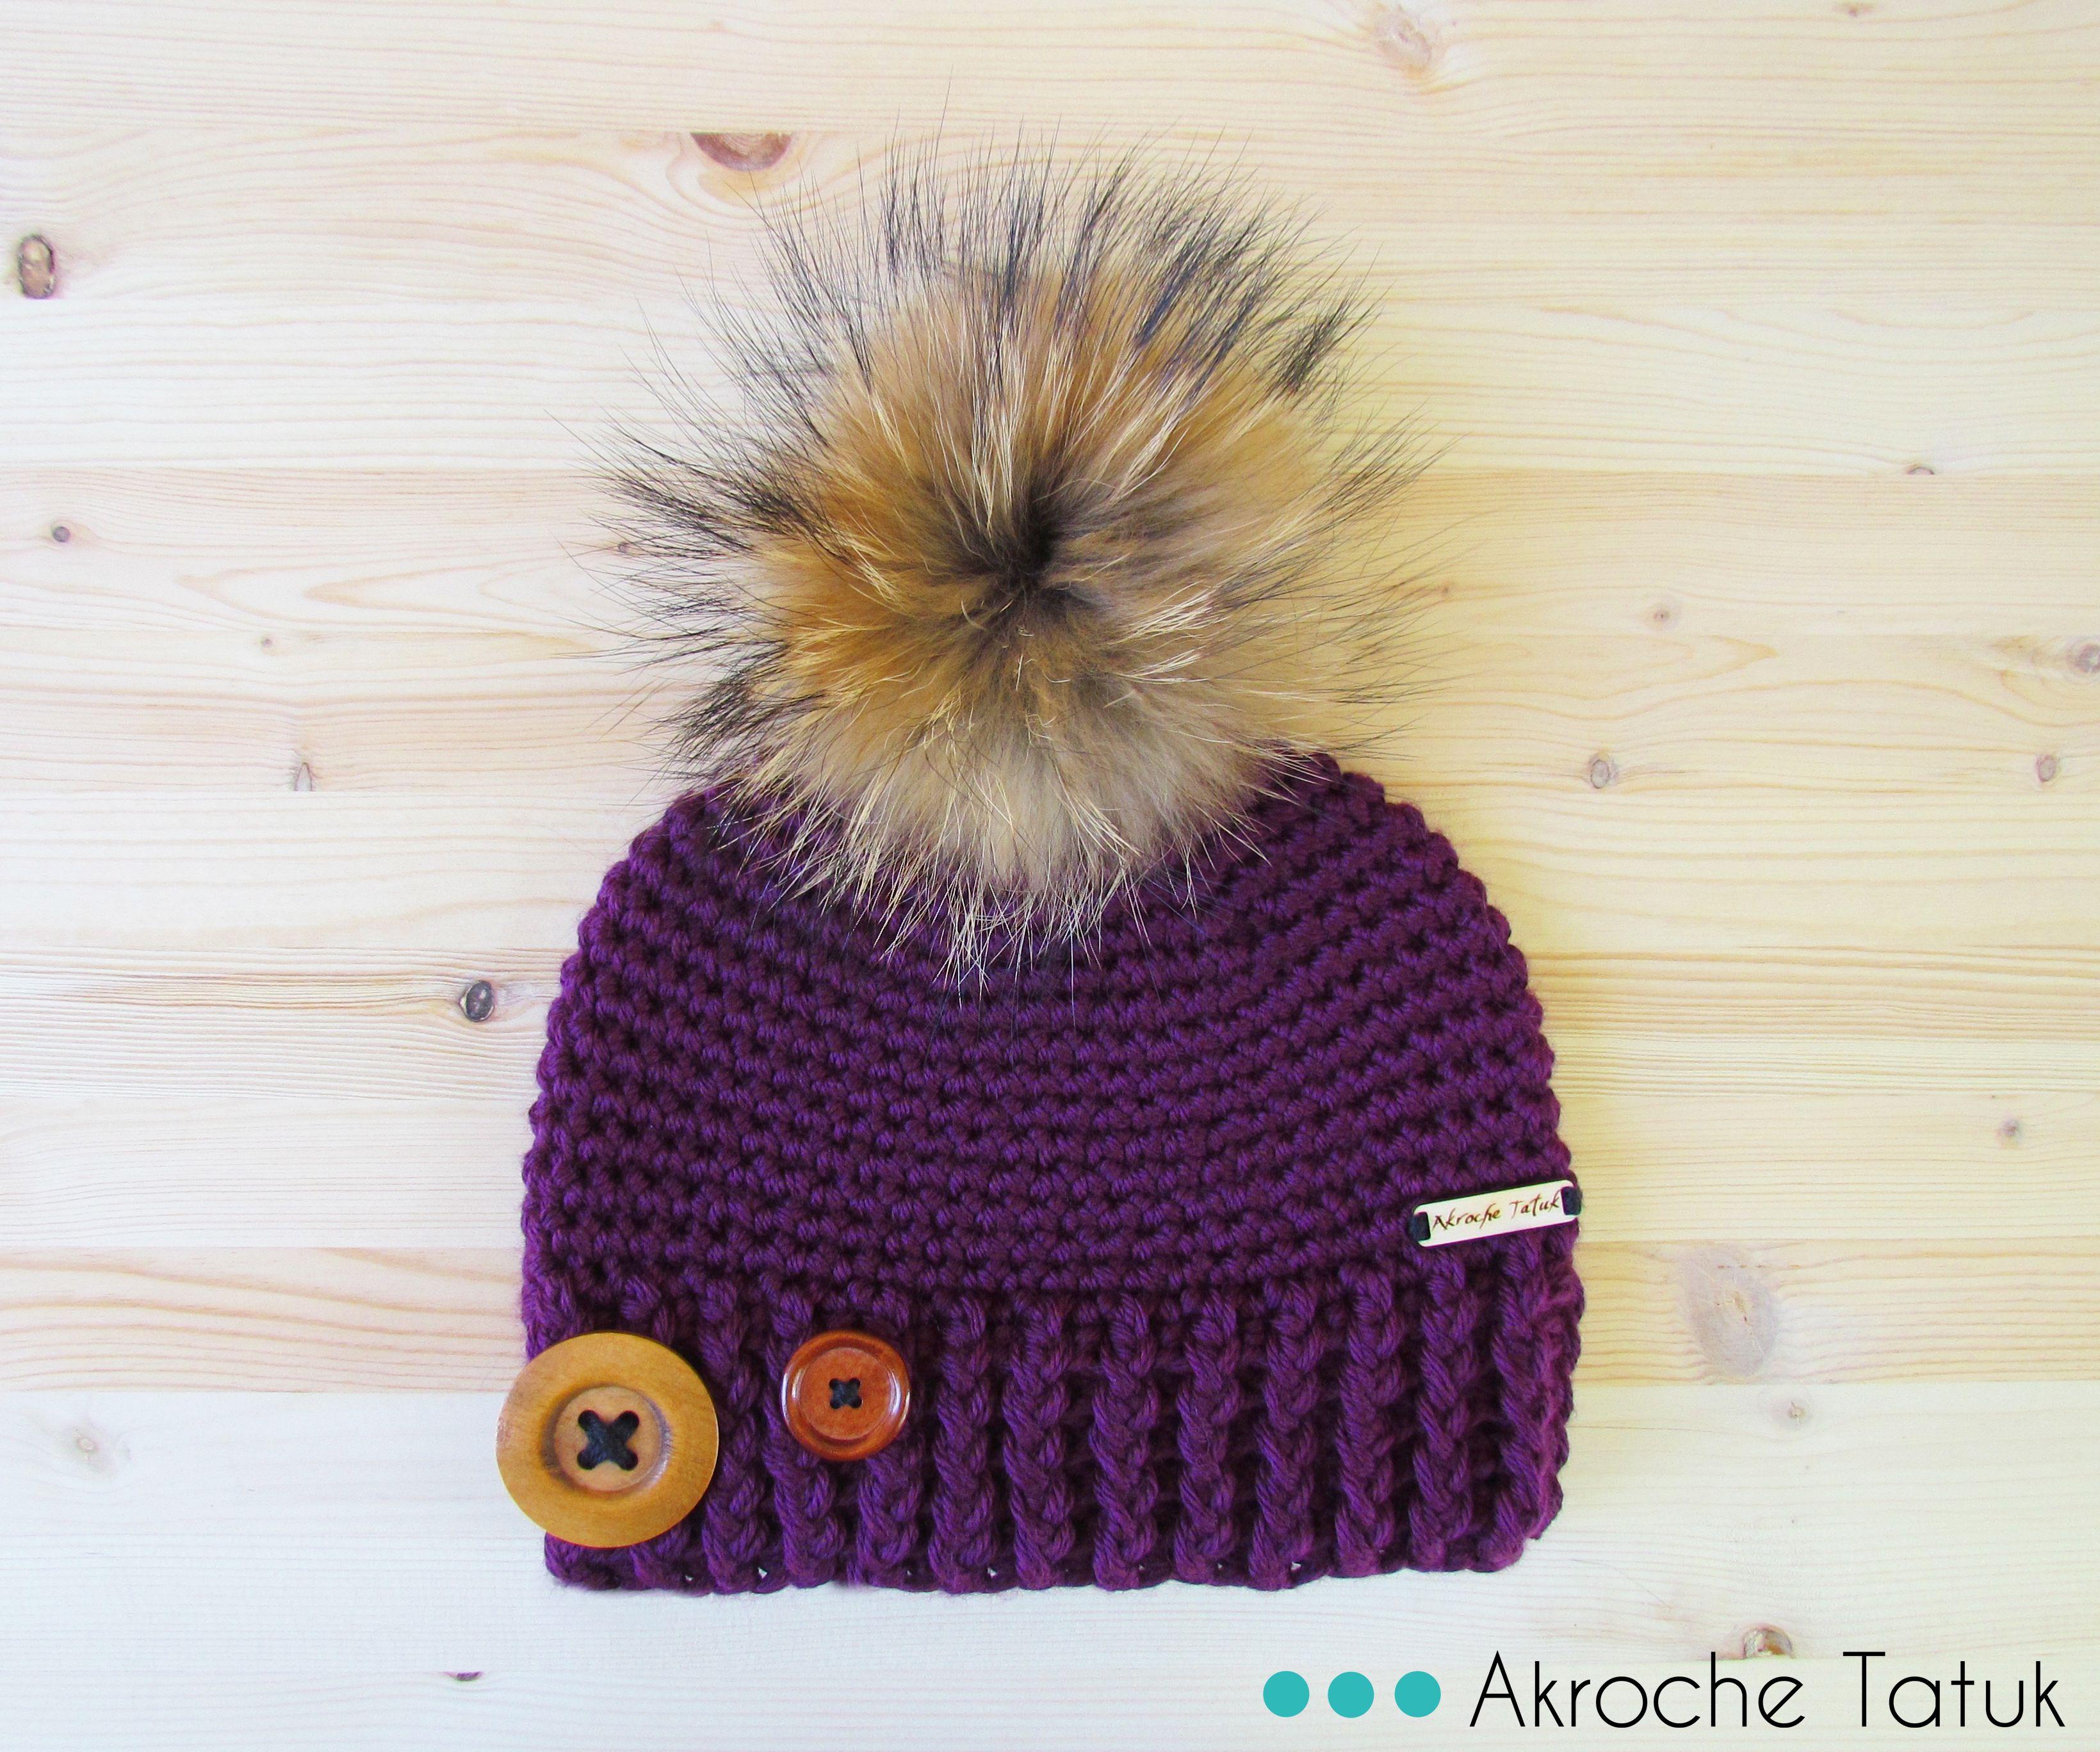 Tuque patron au crochet Crochet hat pattern | bonnet | Pinterest ...